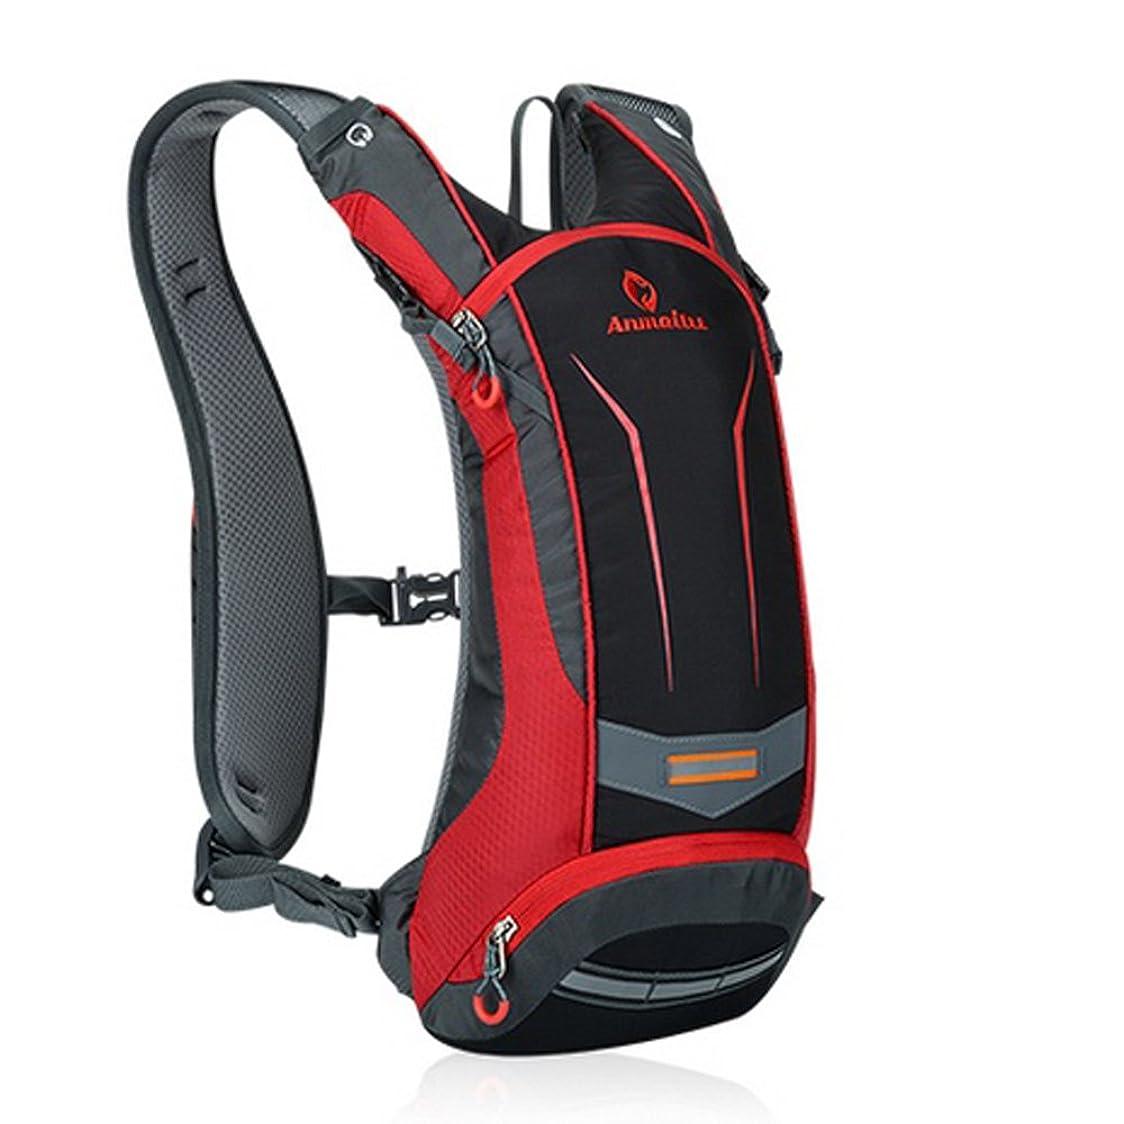 疫病解釈的動機パラディニア(Paladineer)サイクリングバッグ 超軽量 自転車バックパック リュック 8L 5色選び